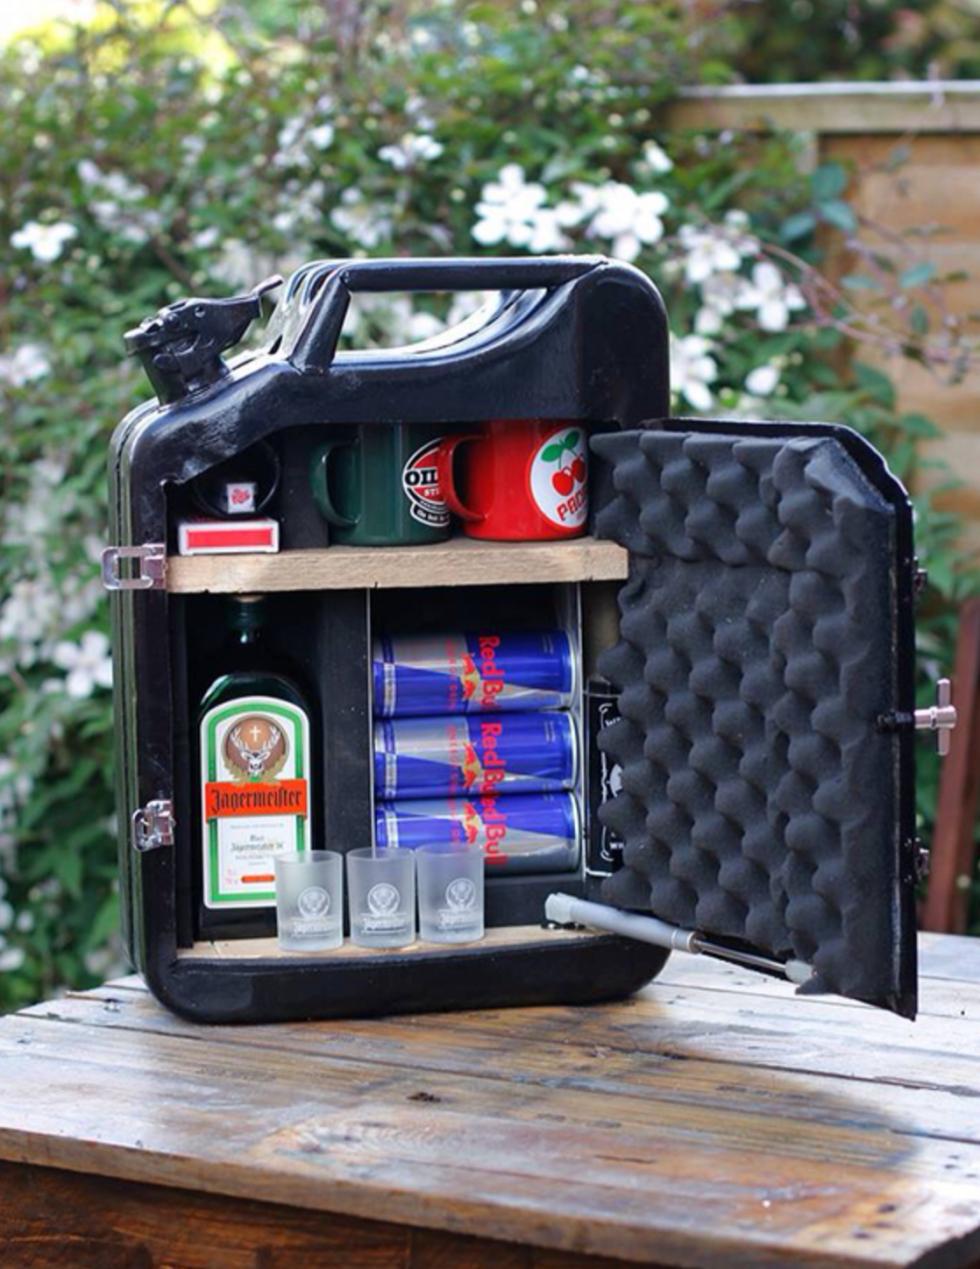 22 Ingenious Ways To Repurpose Old Junk | Pinterest | Shelves, Bar ...